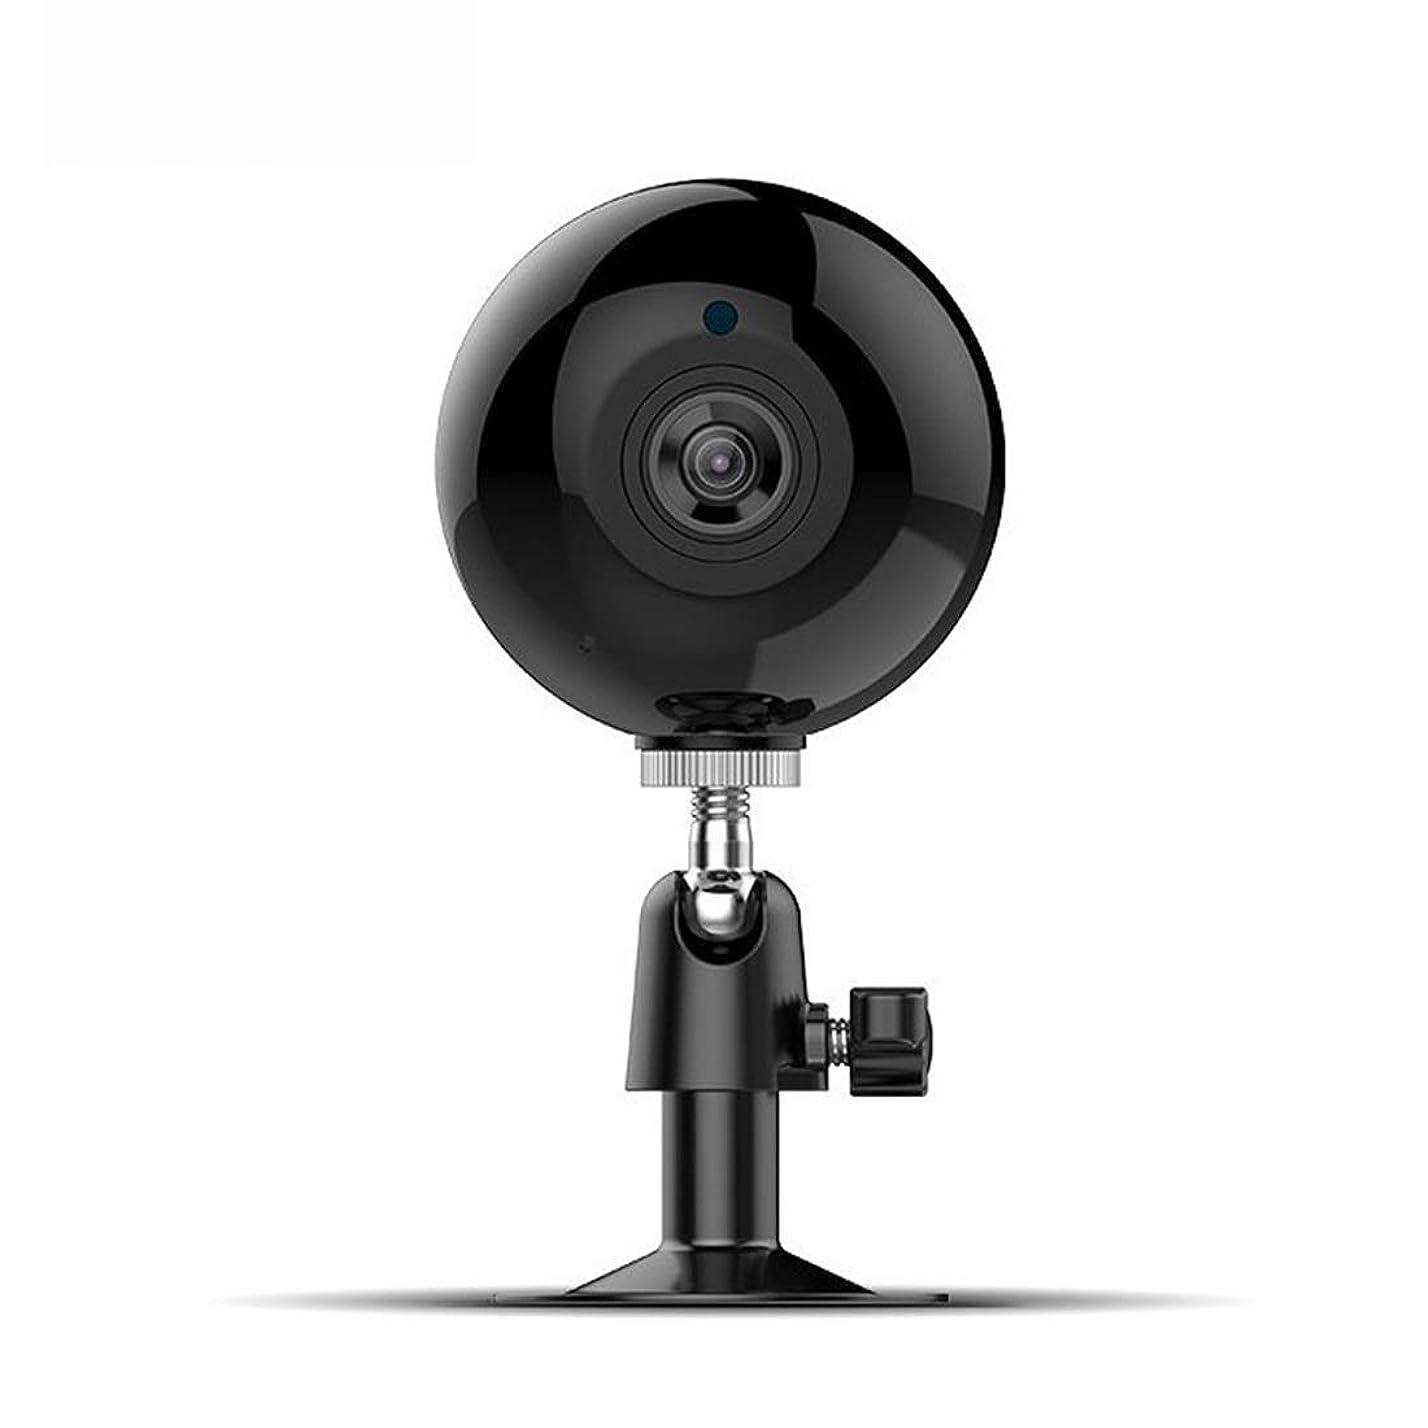 経済的危機一ノウ建材貿易 HDリモートインテリジェントネットワーク監視カメラwifiナイトビジョンカメラ